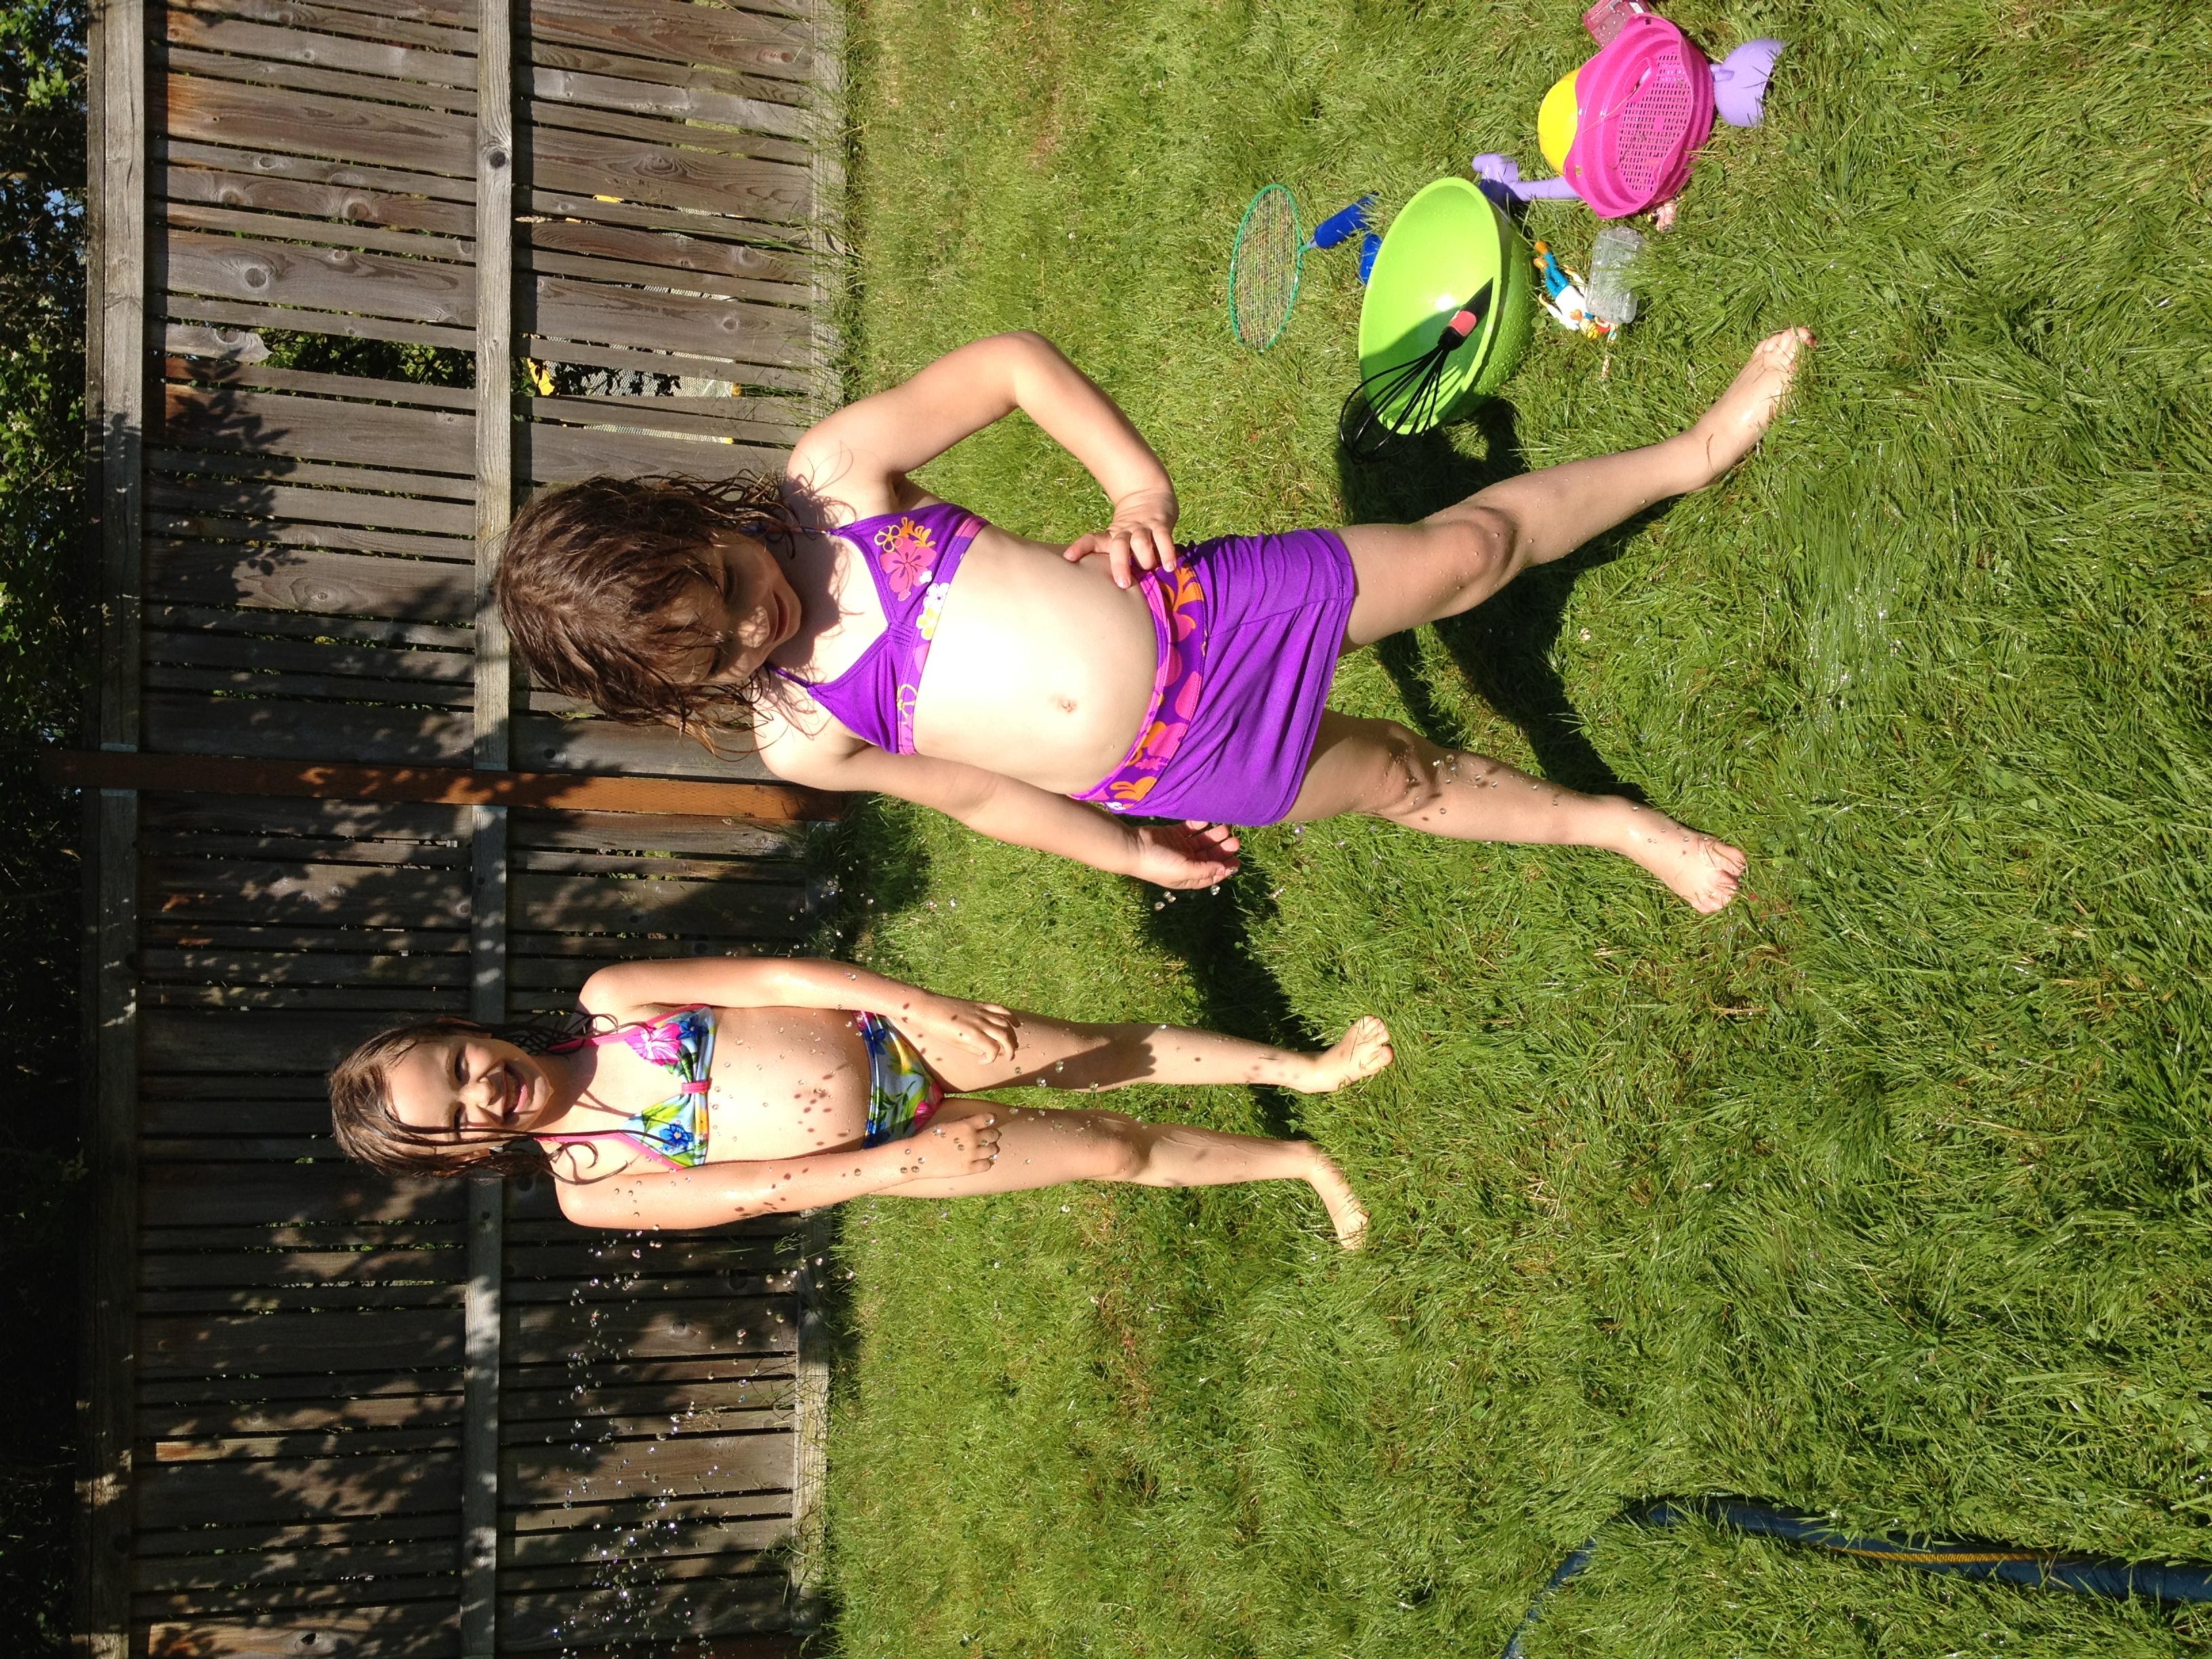 Summer girls giggling in homemade